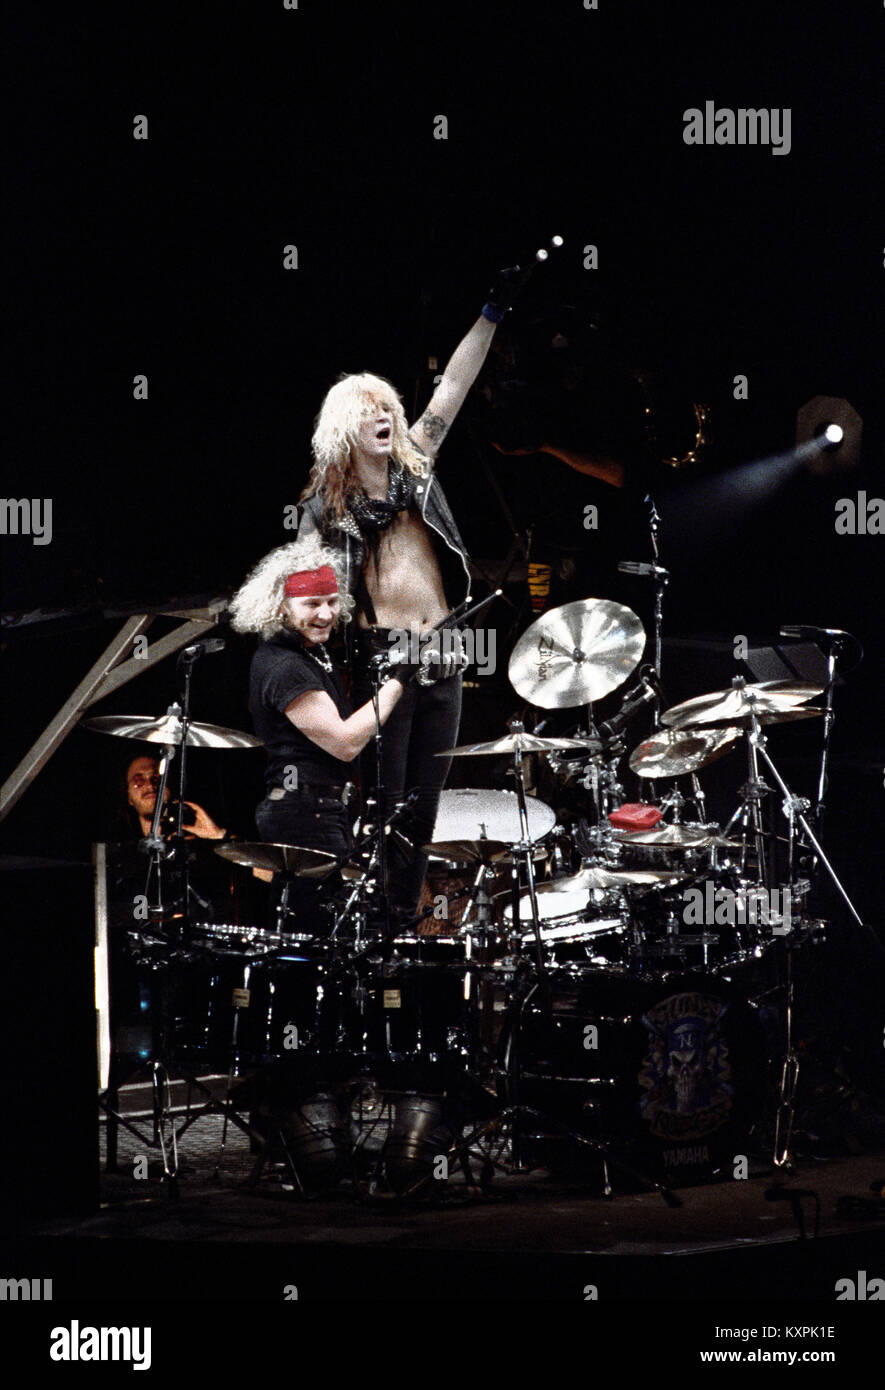 c642c5256326 Guns and Roses el baterista Matt Sorum interpretando en vivo durante el uso  su ilusión world tour en el Palacio de los deportes en la Ciudad de México  en el ...